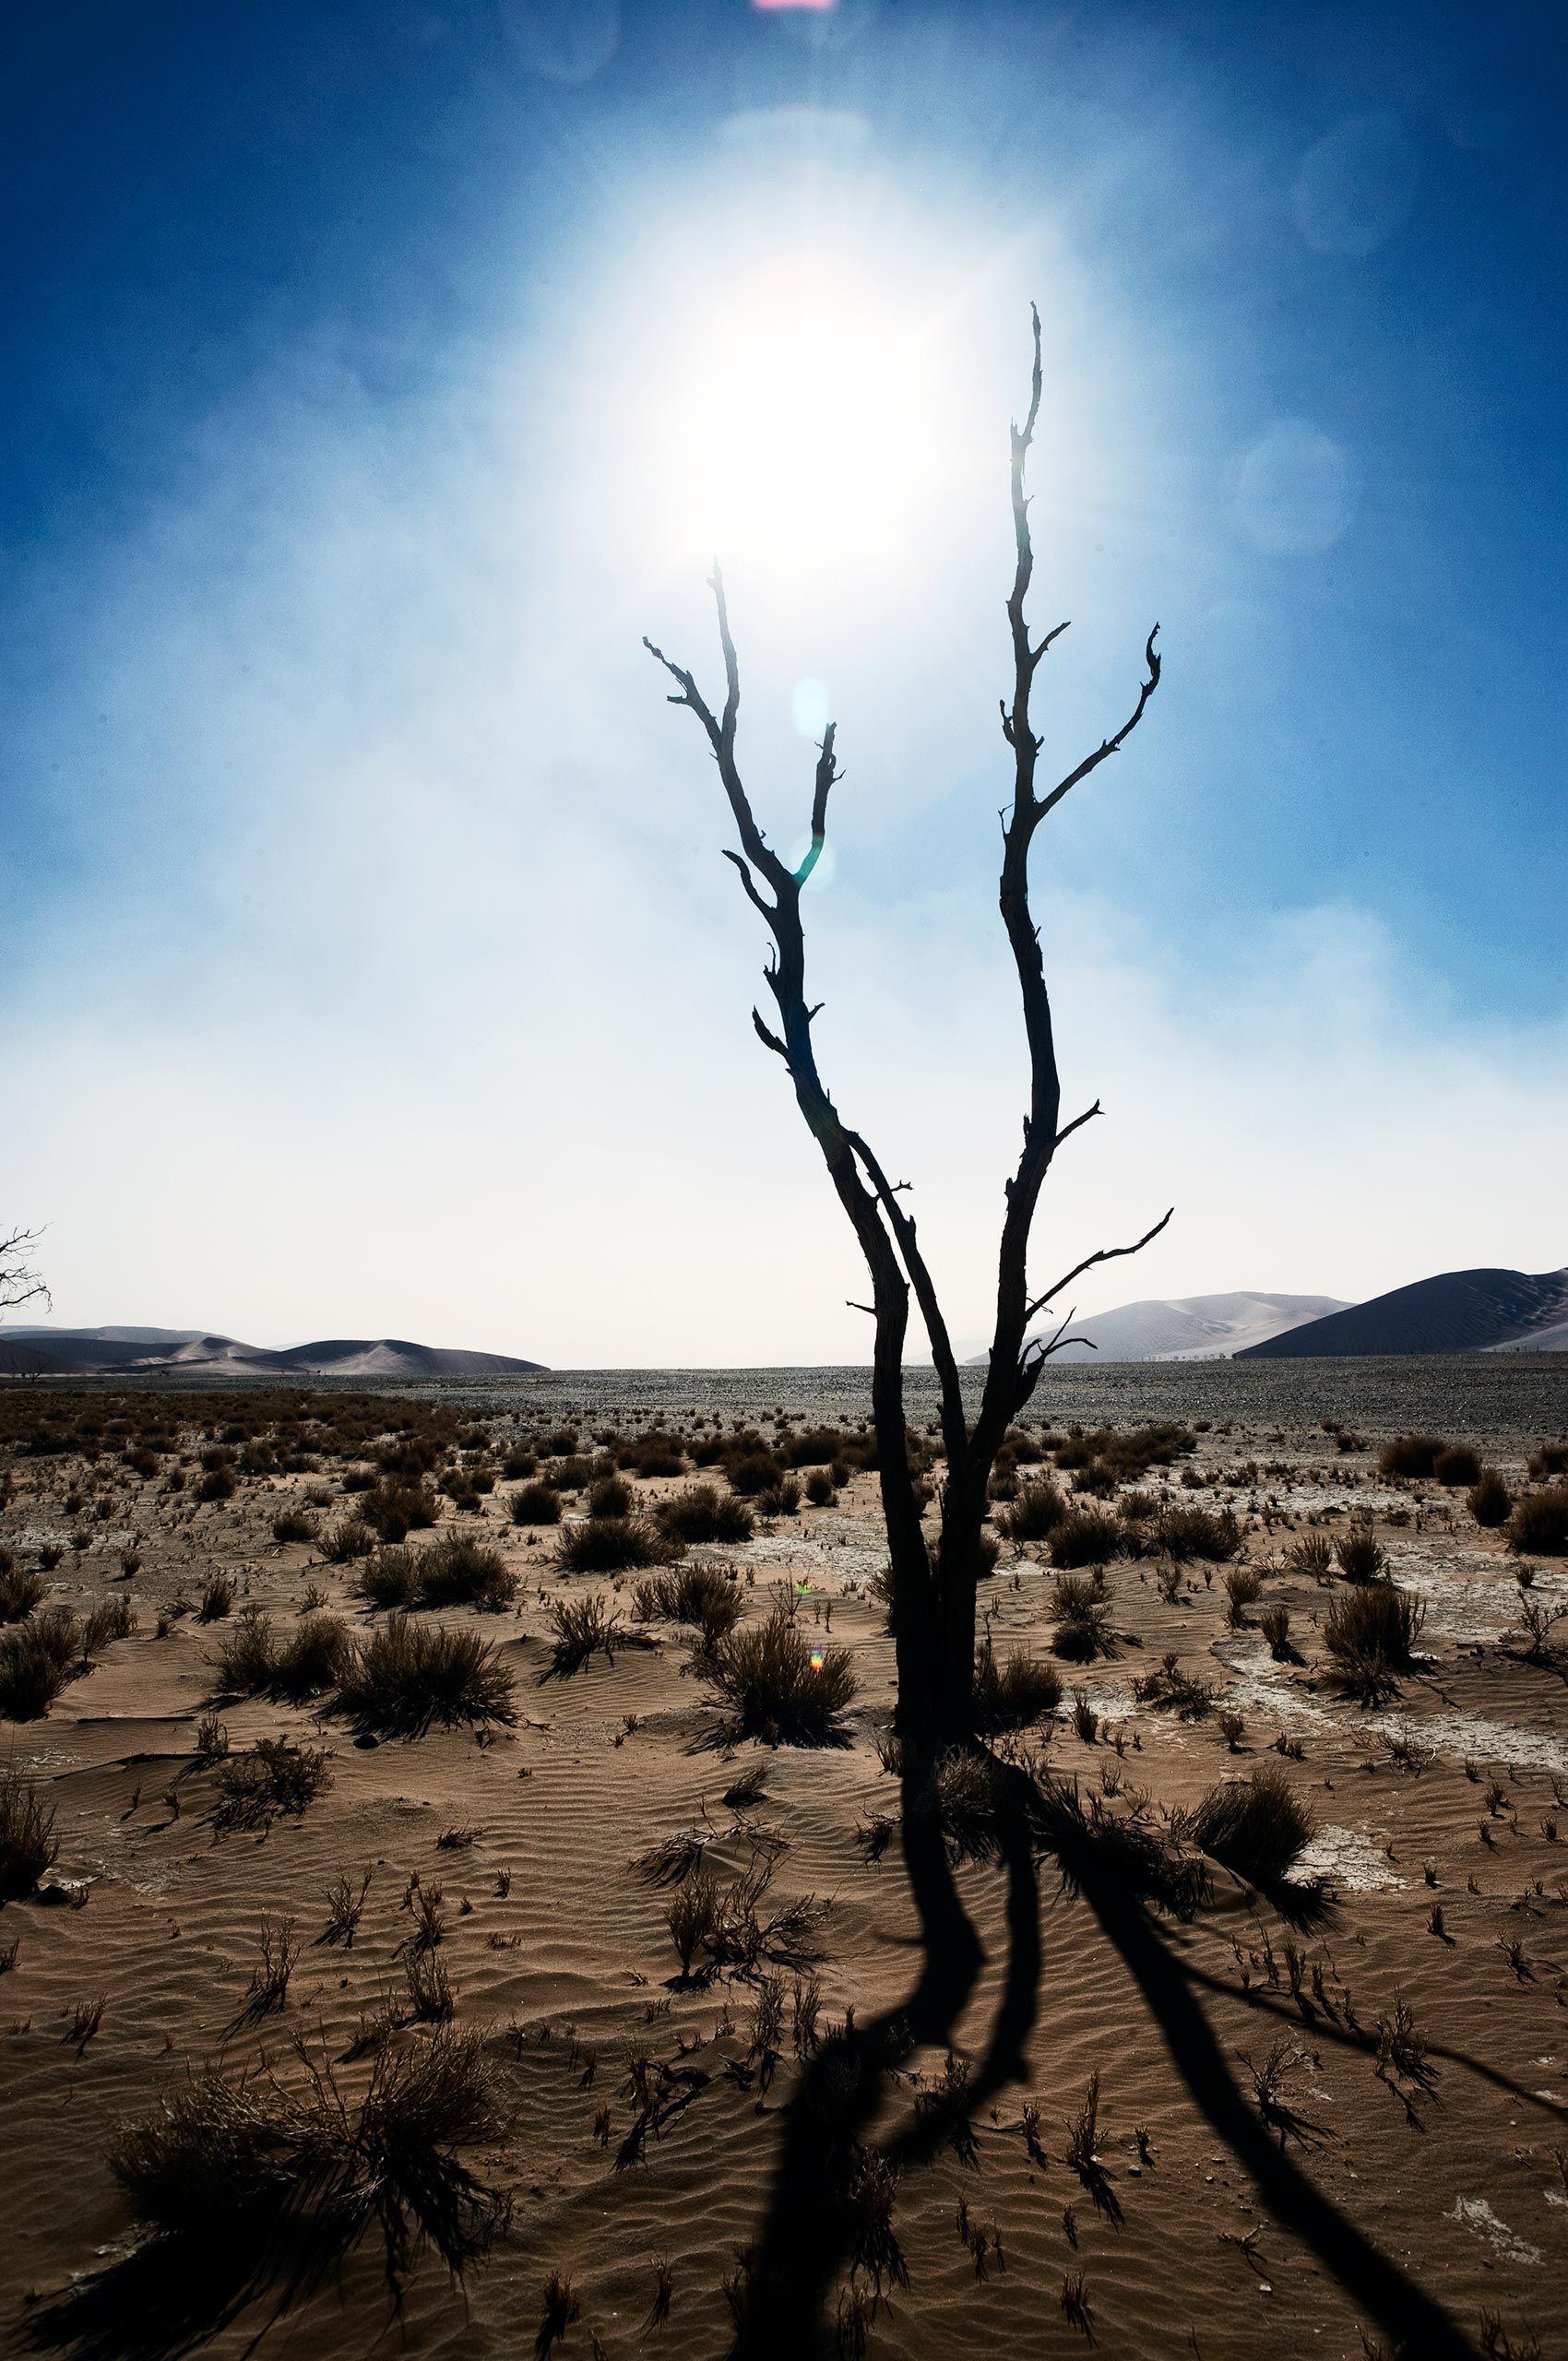 deadvlei-tree-namibia-bHenrikOlundPhotography.jpg